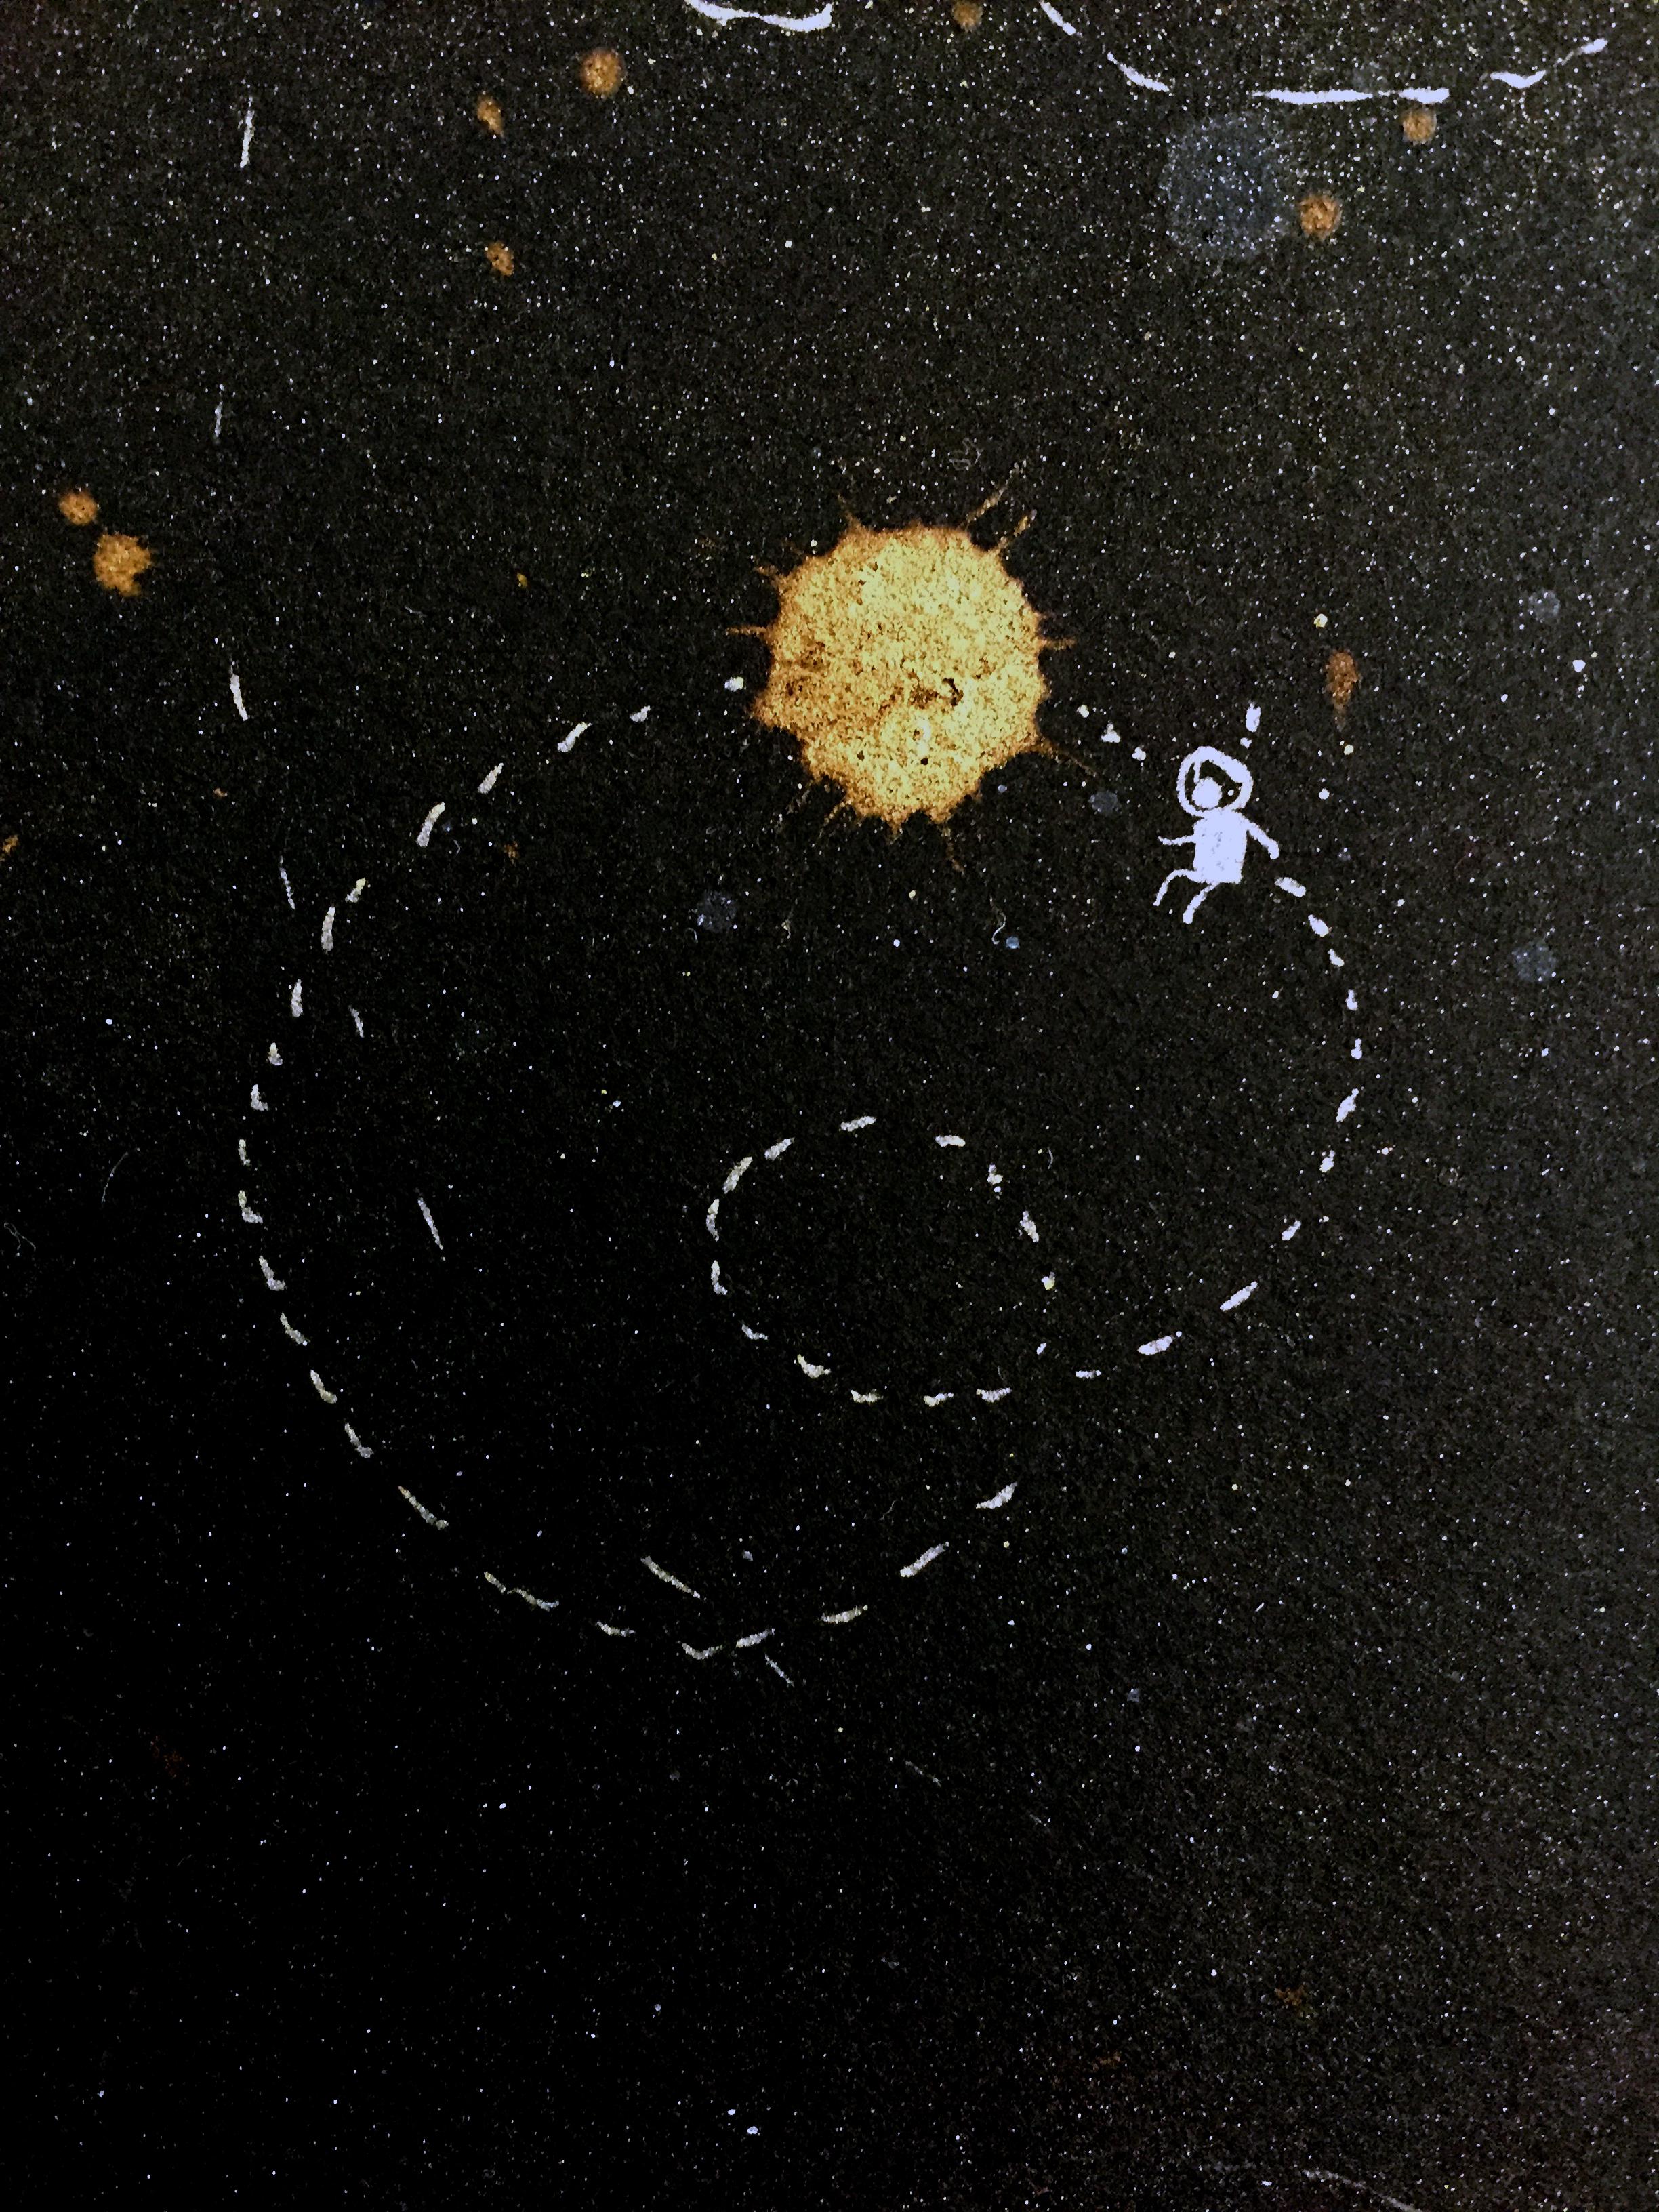 Space_03.jpg